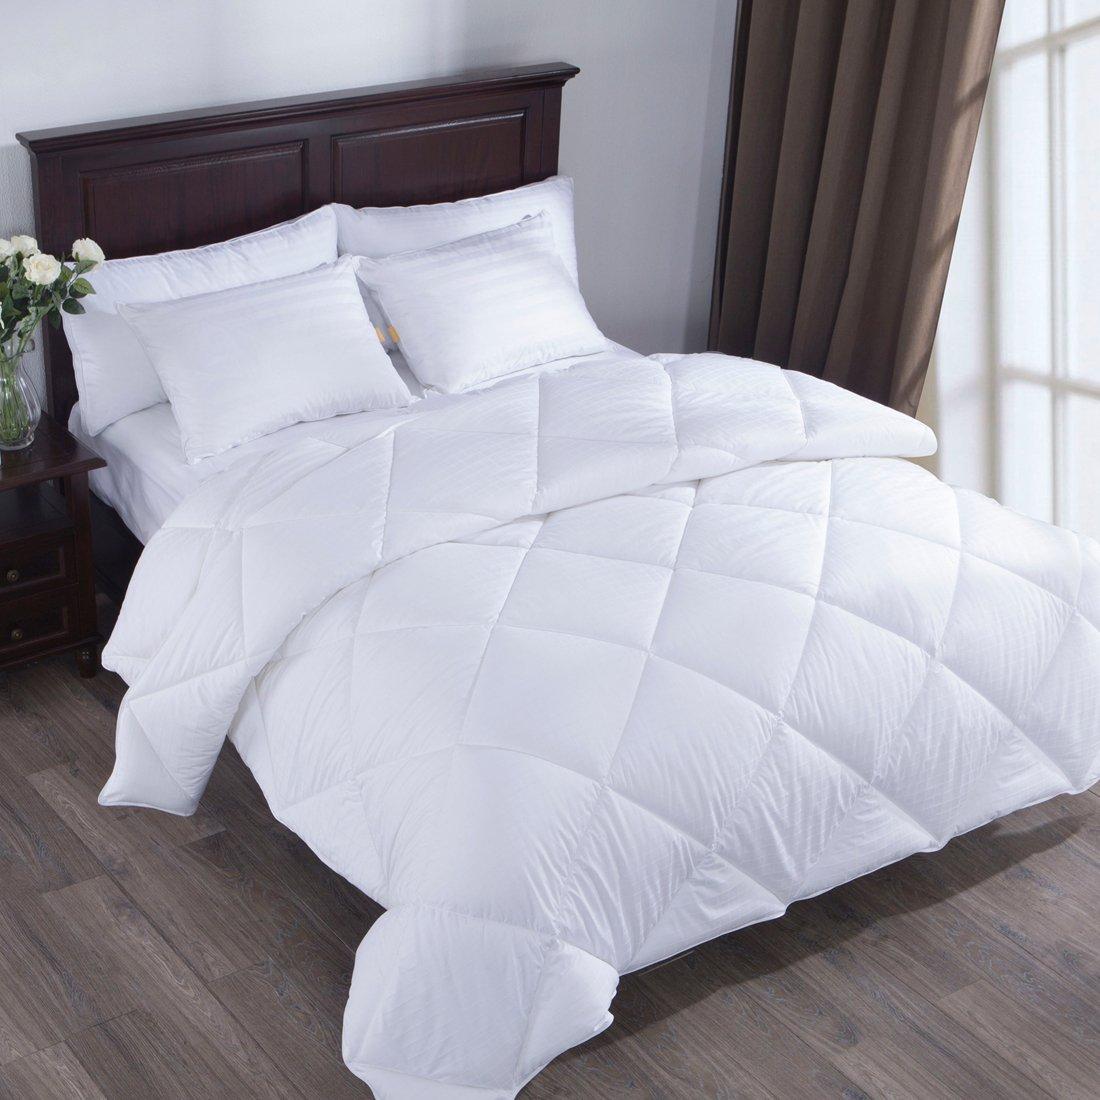 Puredown Down Alternative Comforter Duvet Insert 450